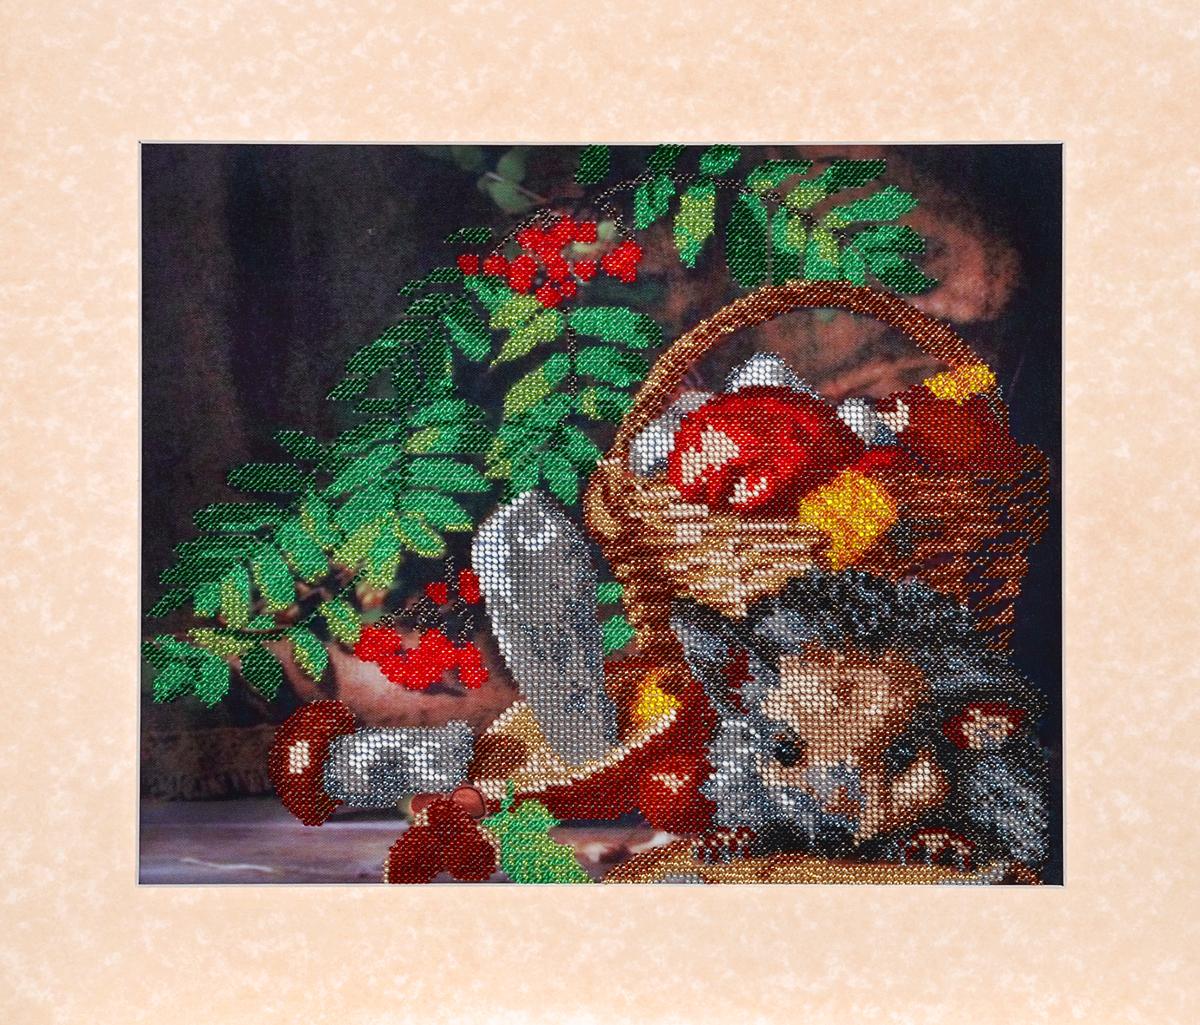 Набор для вышивания бисером Hobby & Pro Дары осени, 31 x 25 см581741